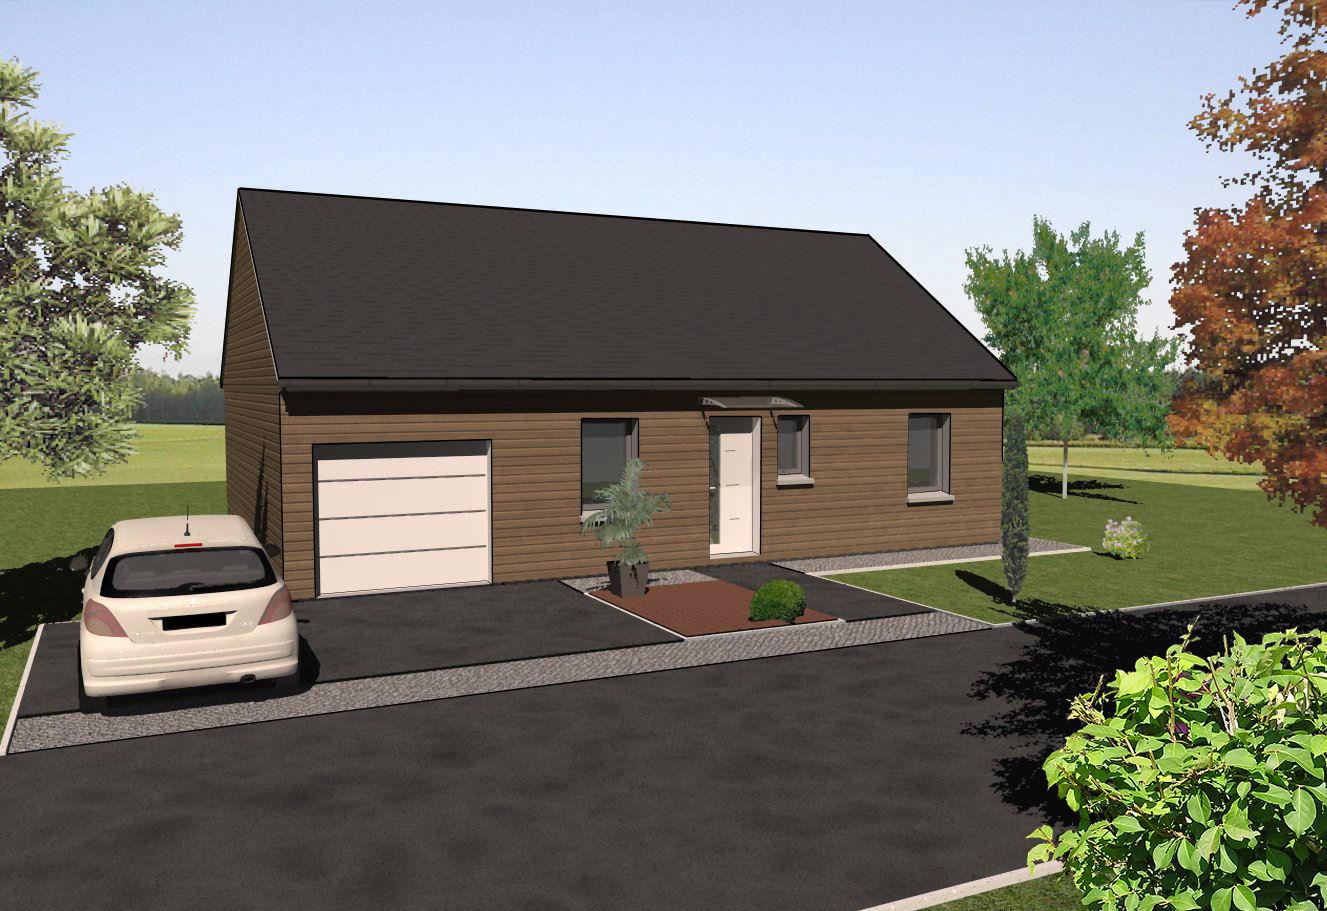 Les maisons ossature bois de plain pied mod le douglas for Modele maison en bois plain pied